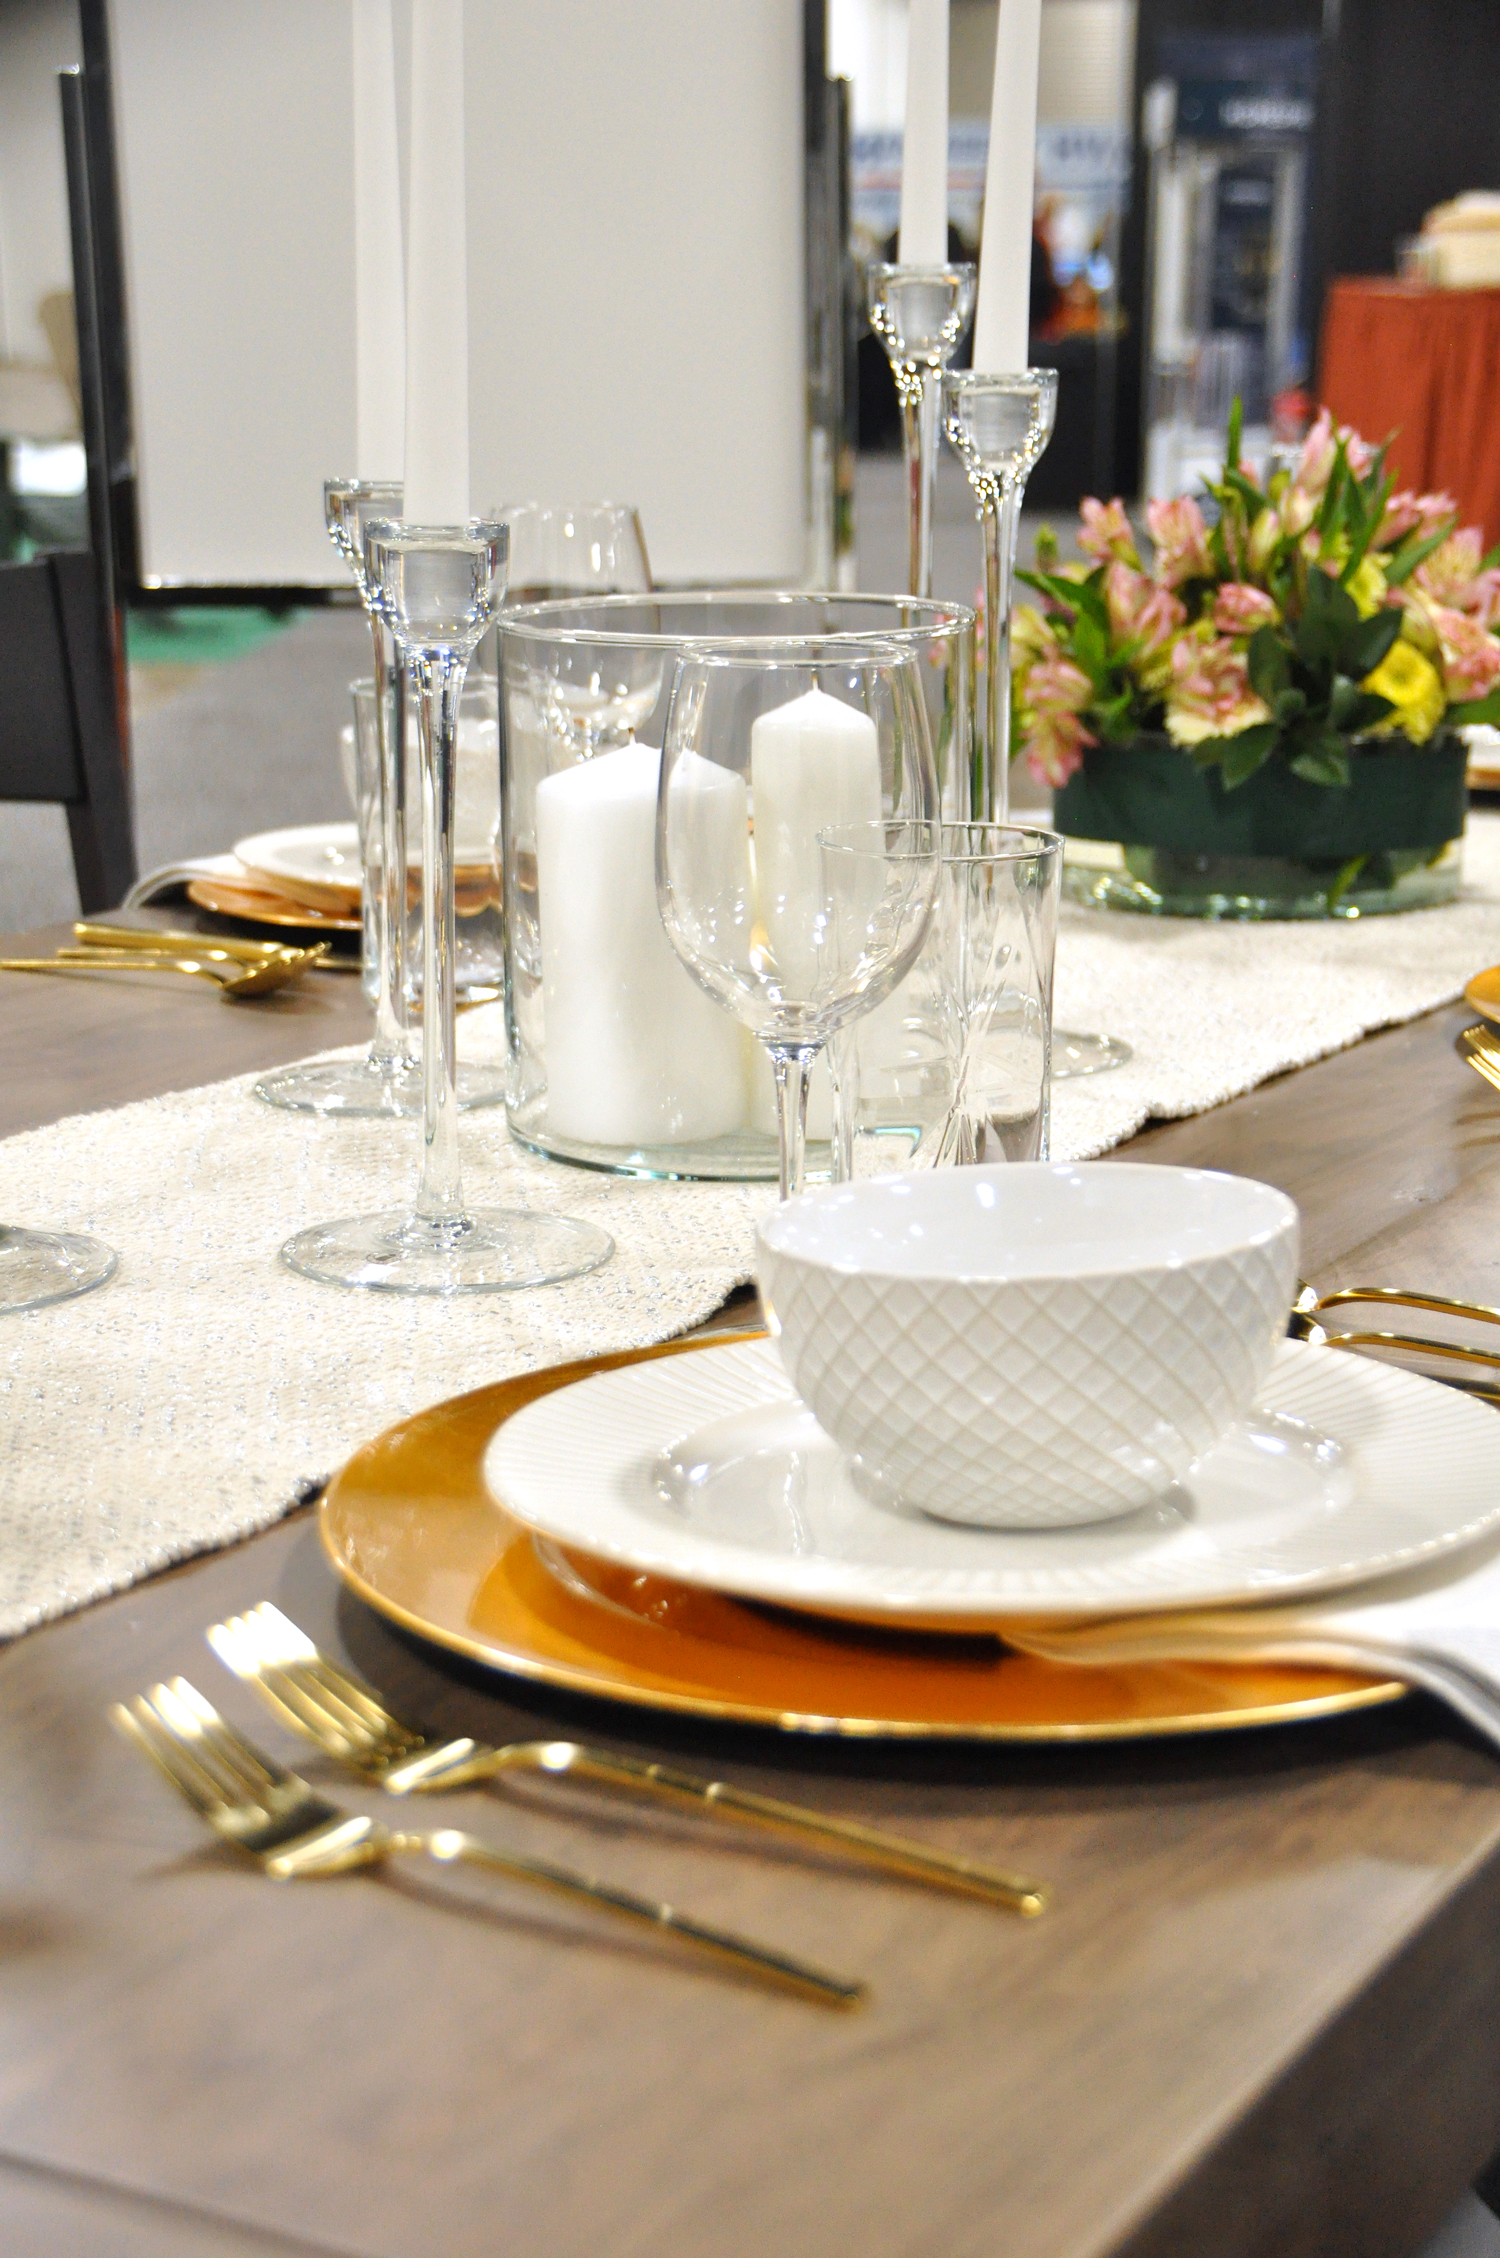 Home-Show-Feminine-Sophisticated-Elegant-Tablescape-Table-Setting-2.jpg